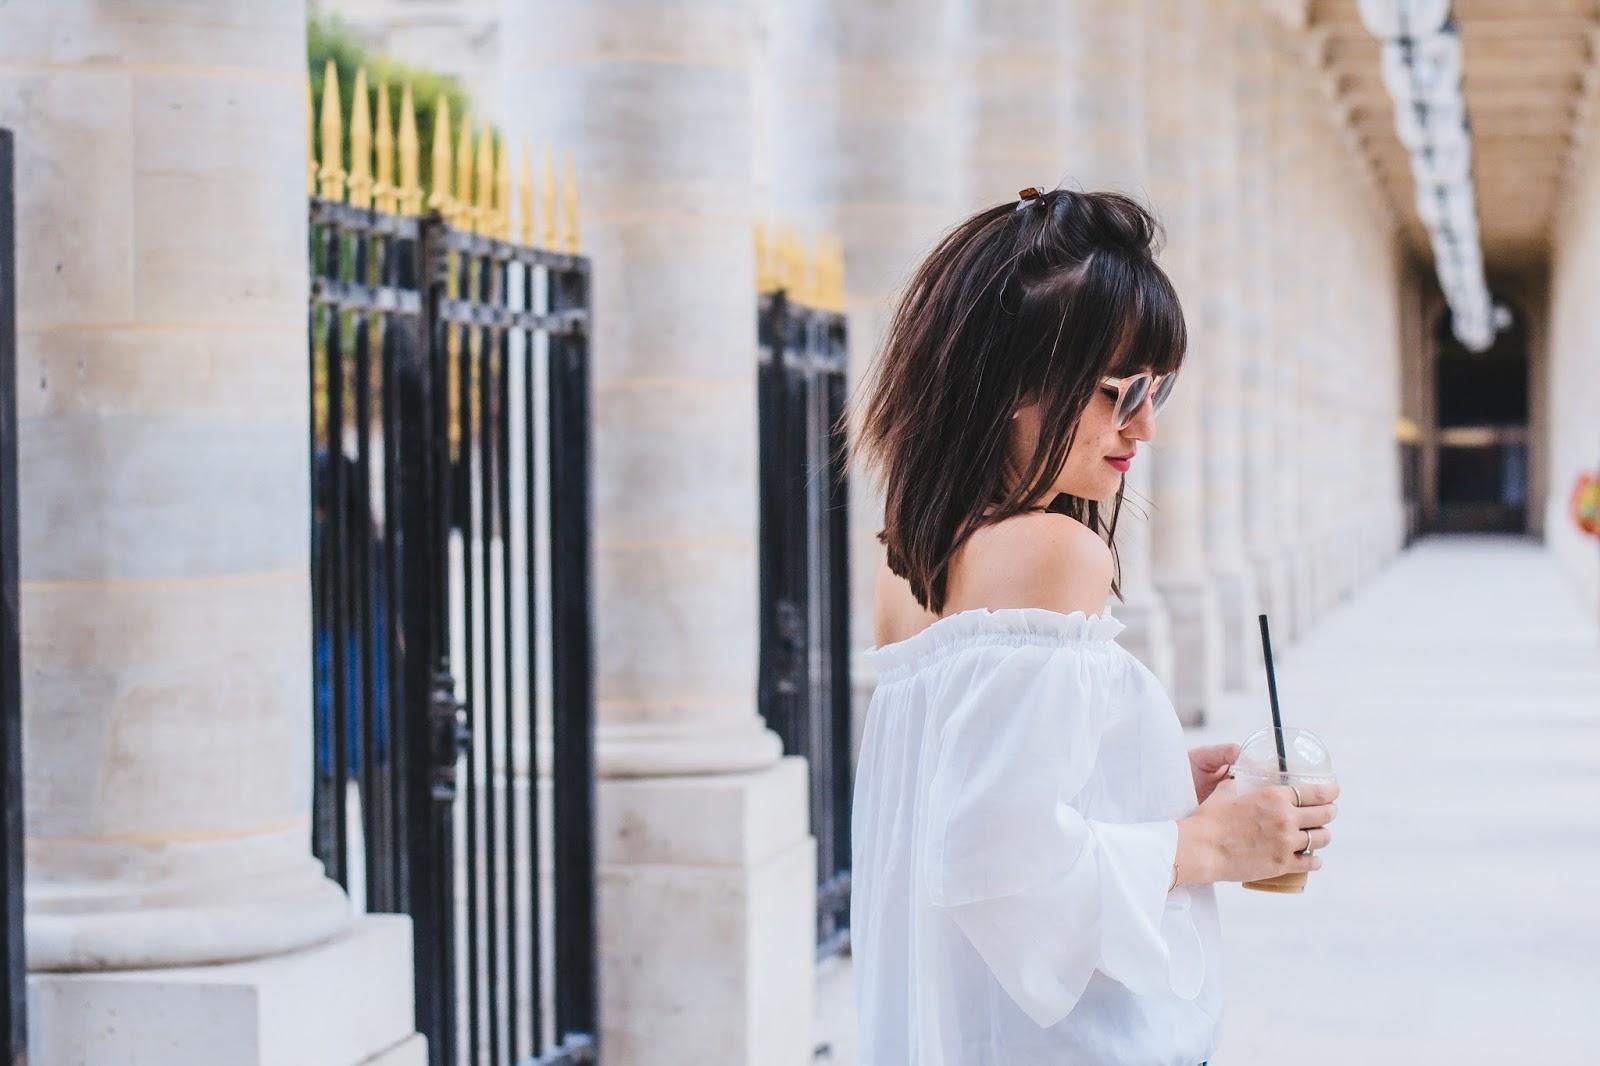 meetmeinparee-paris-blogger-fashion-streetstyle-mode-parisianfashionblogger